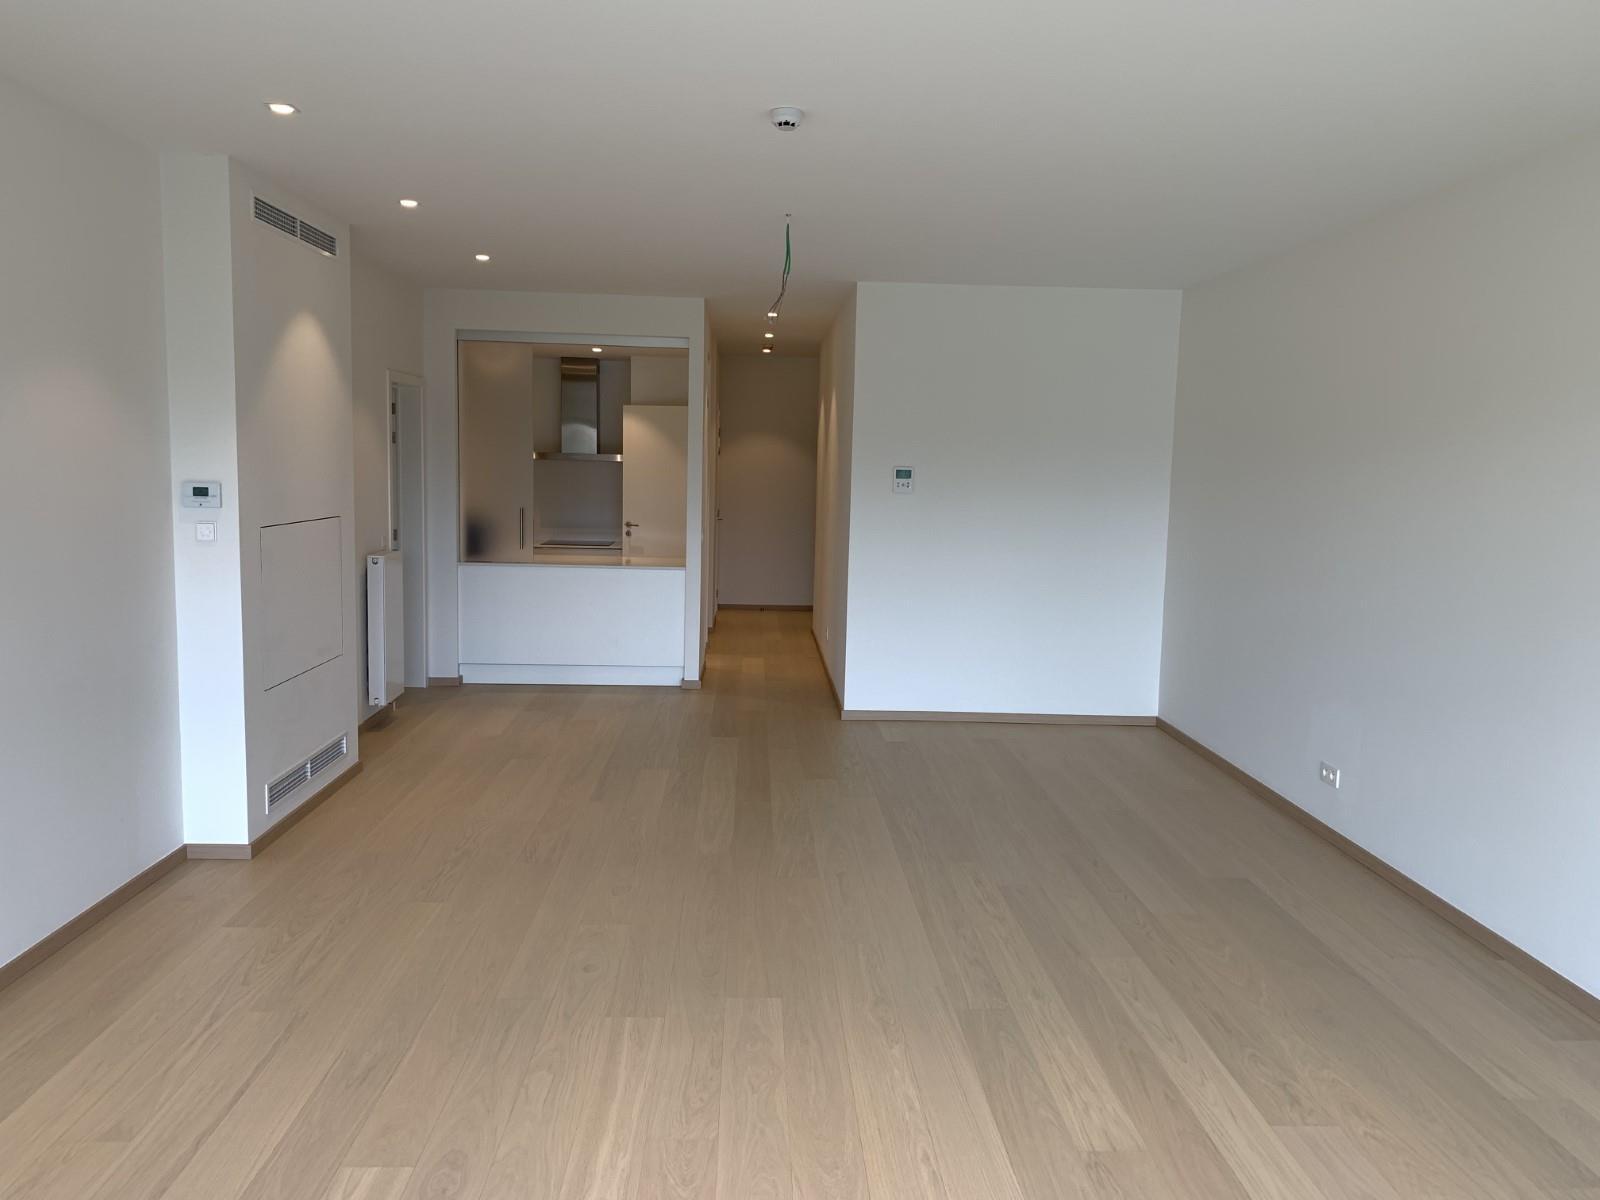 Appartement exceptionnel - Ixelles - #3918748-6